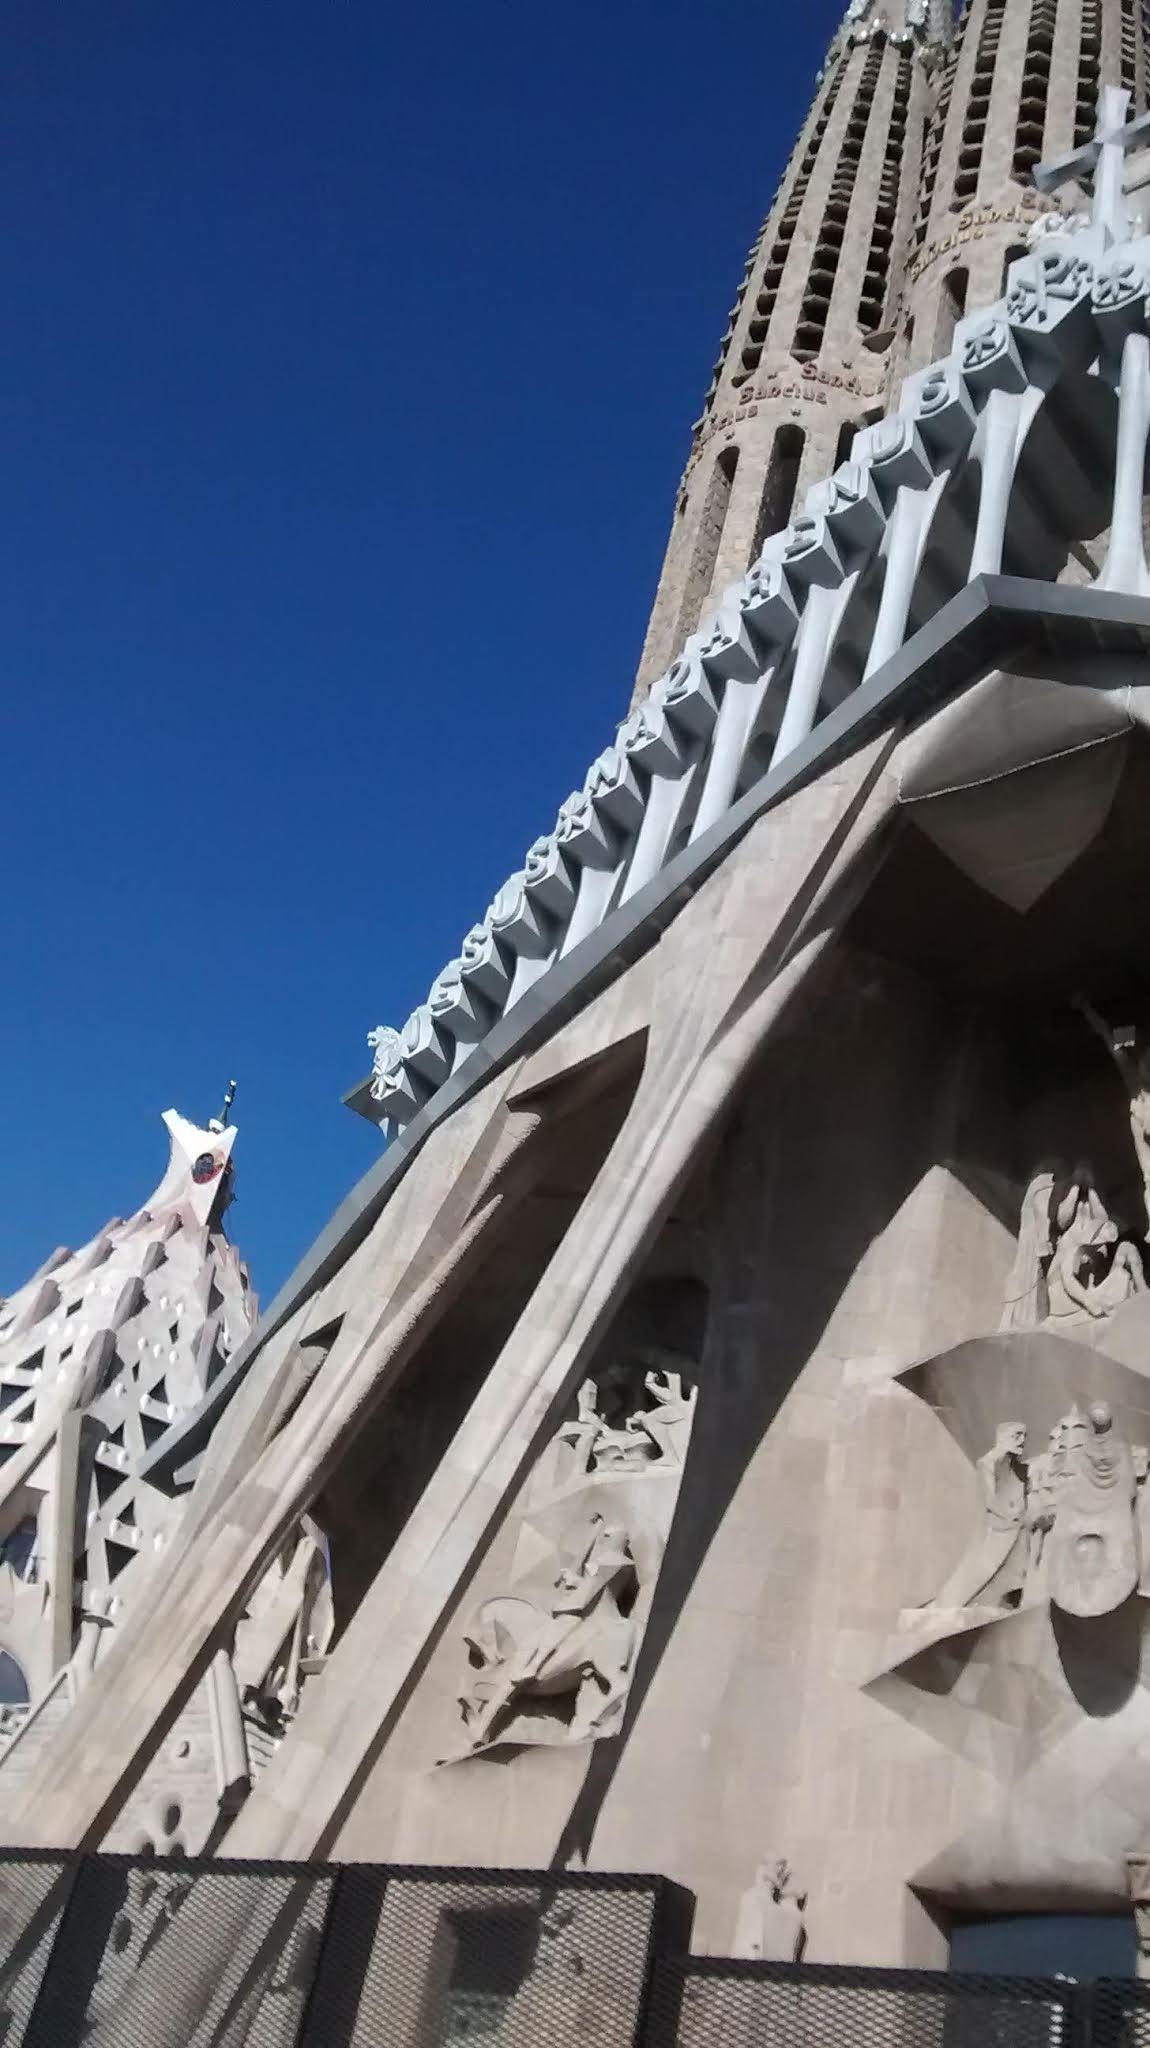 exterior of basilica